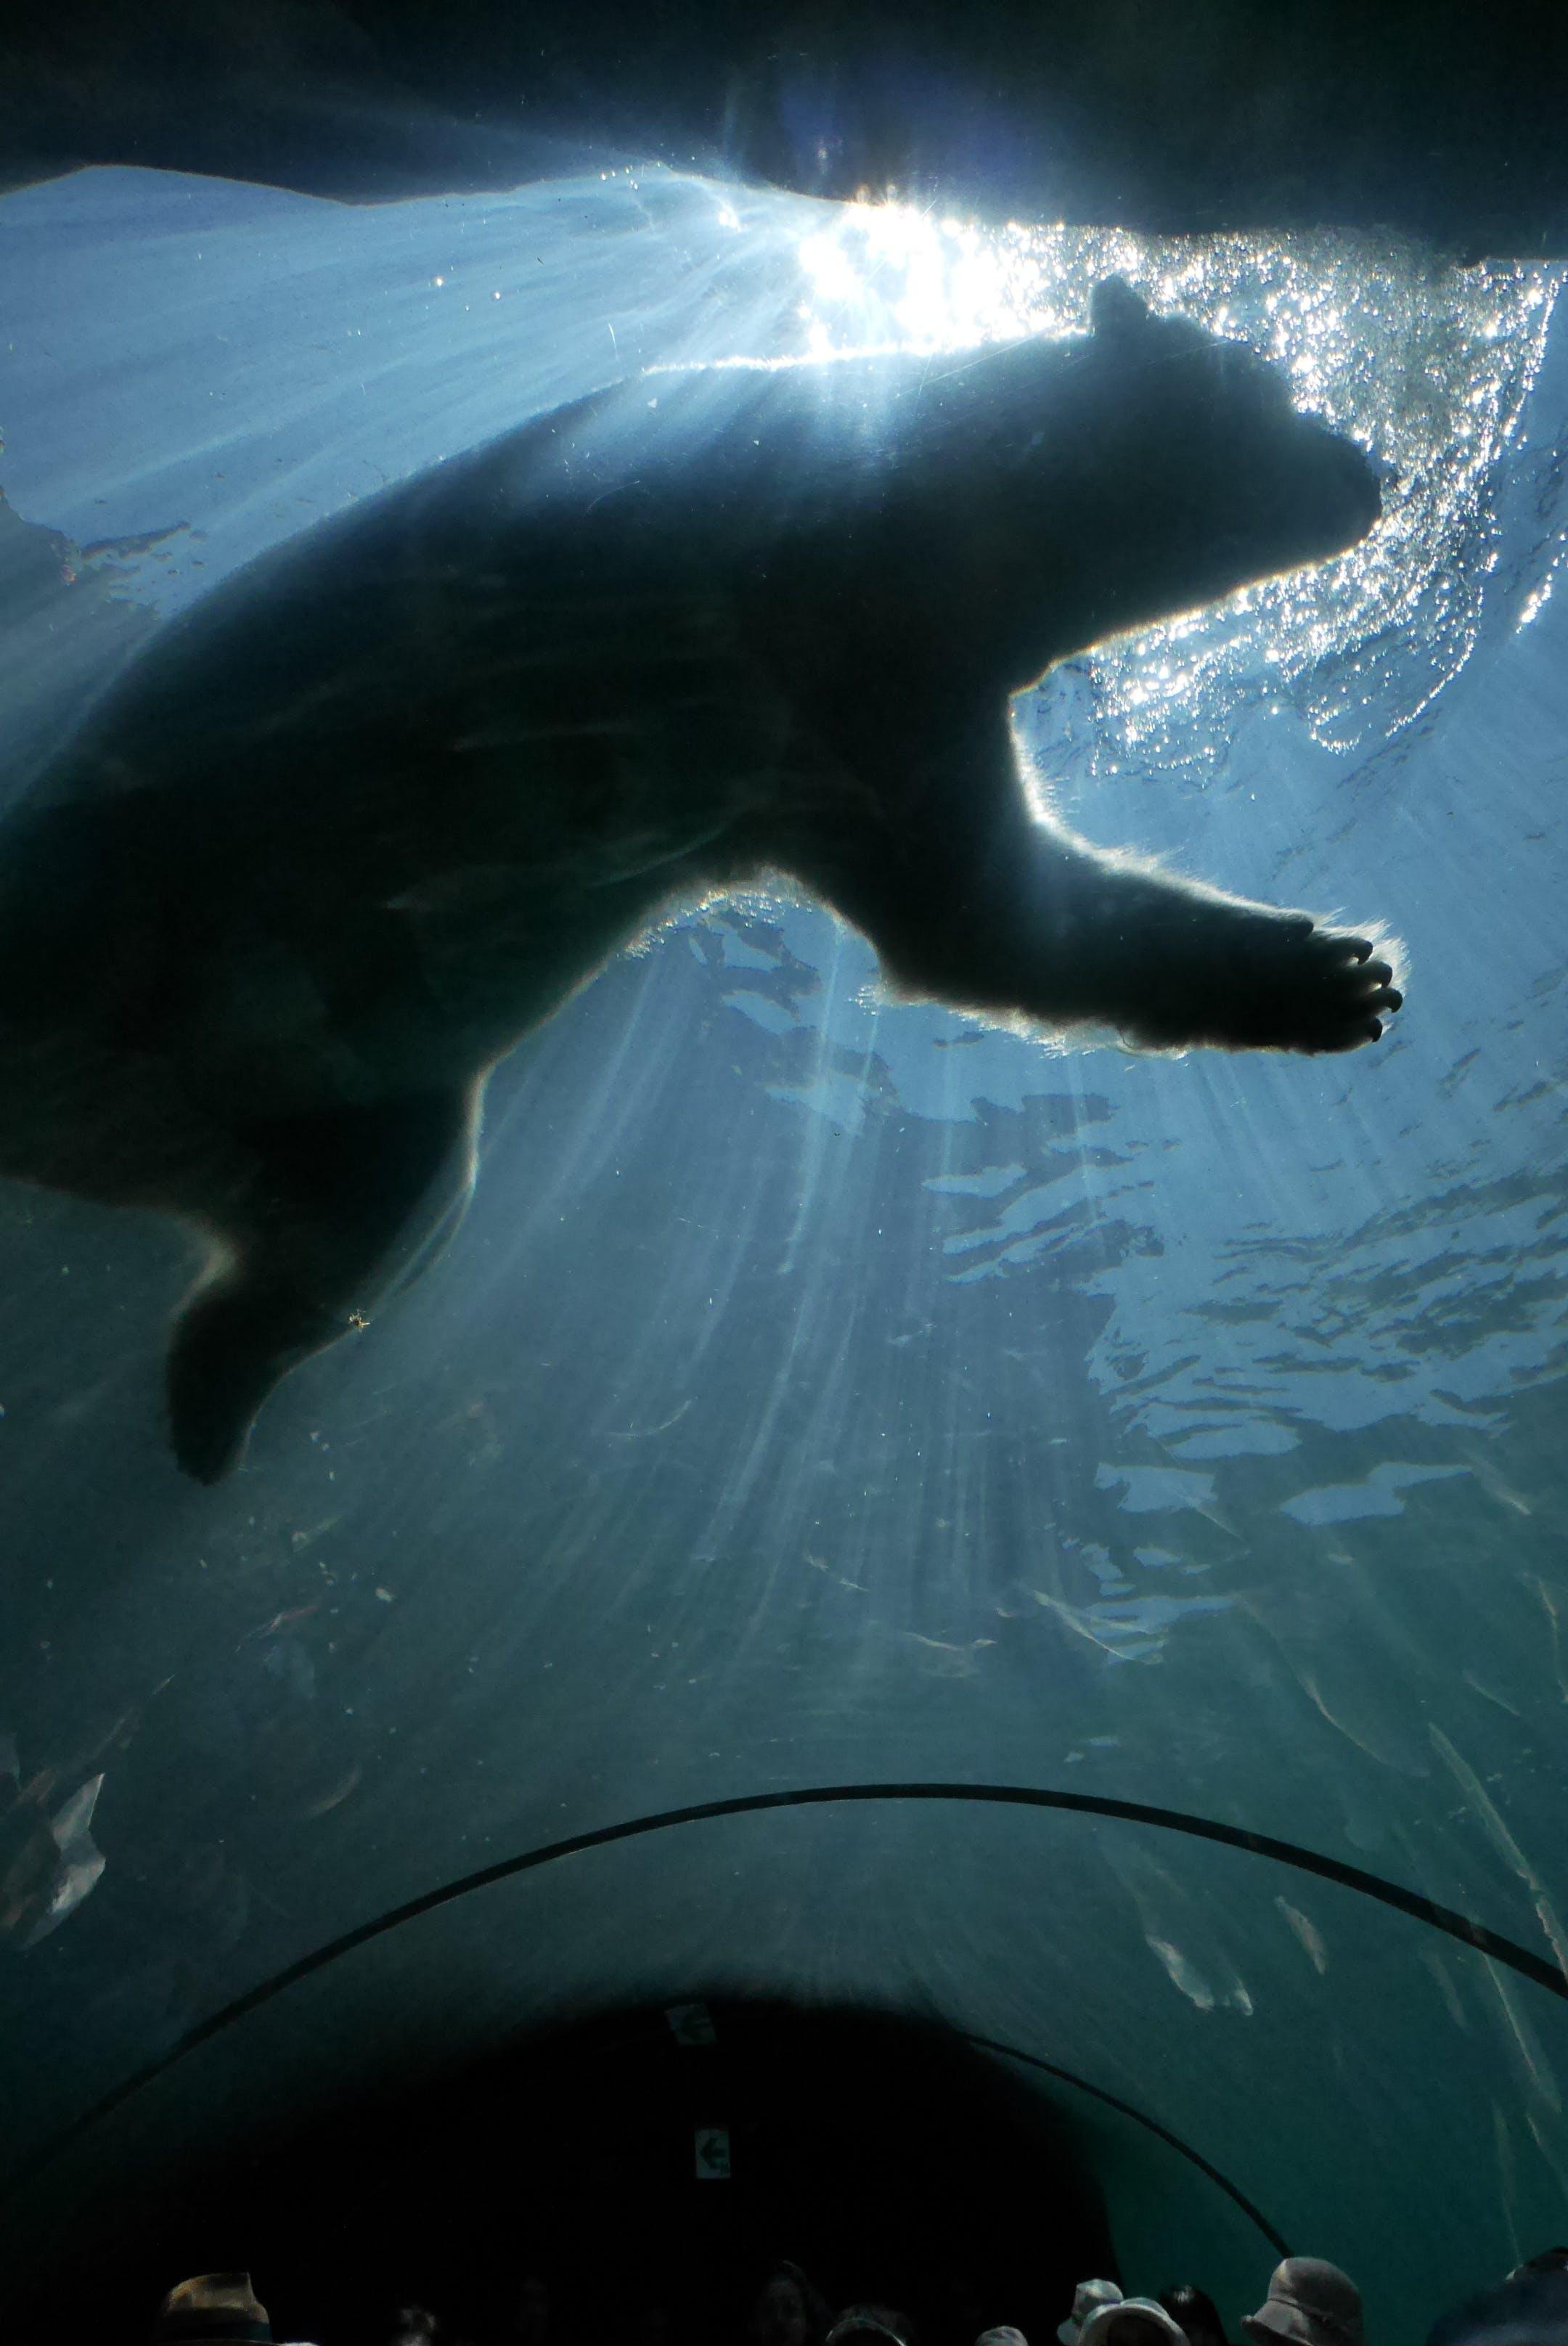 Free stock photo of #polarbear #animal #aquarium #japan #hokkaido